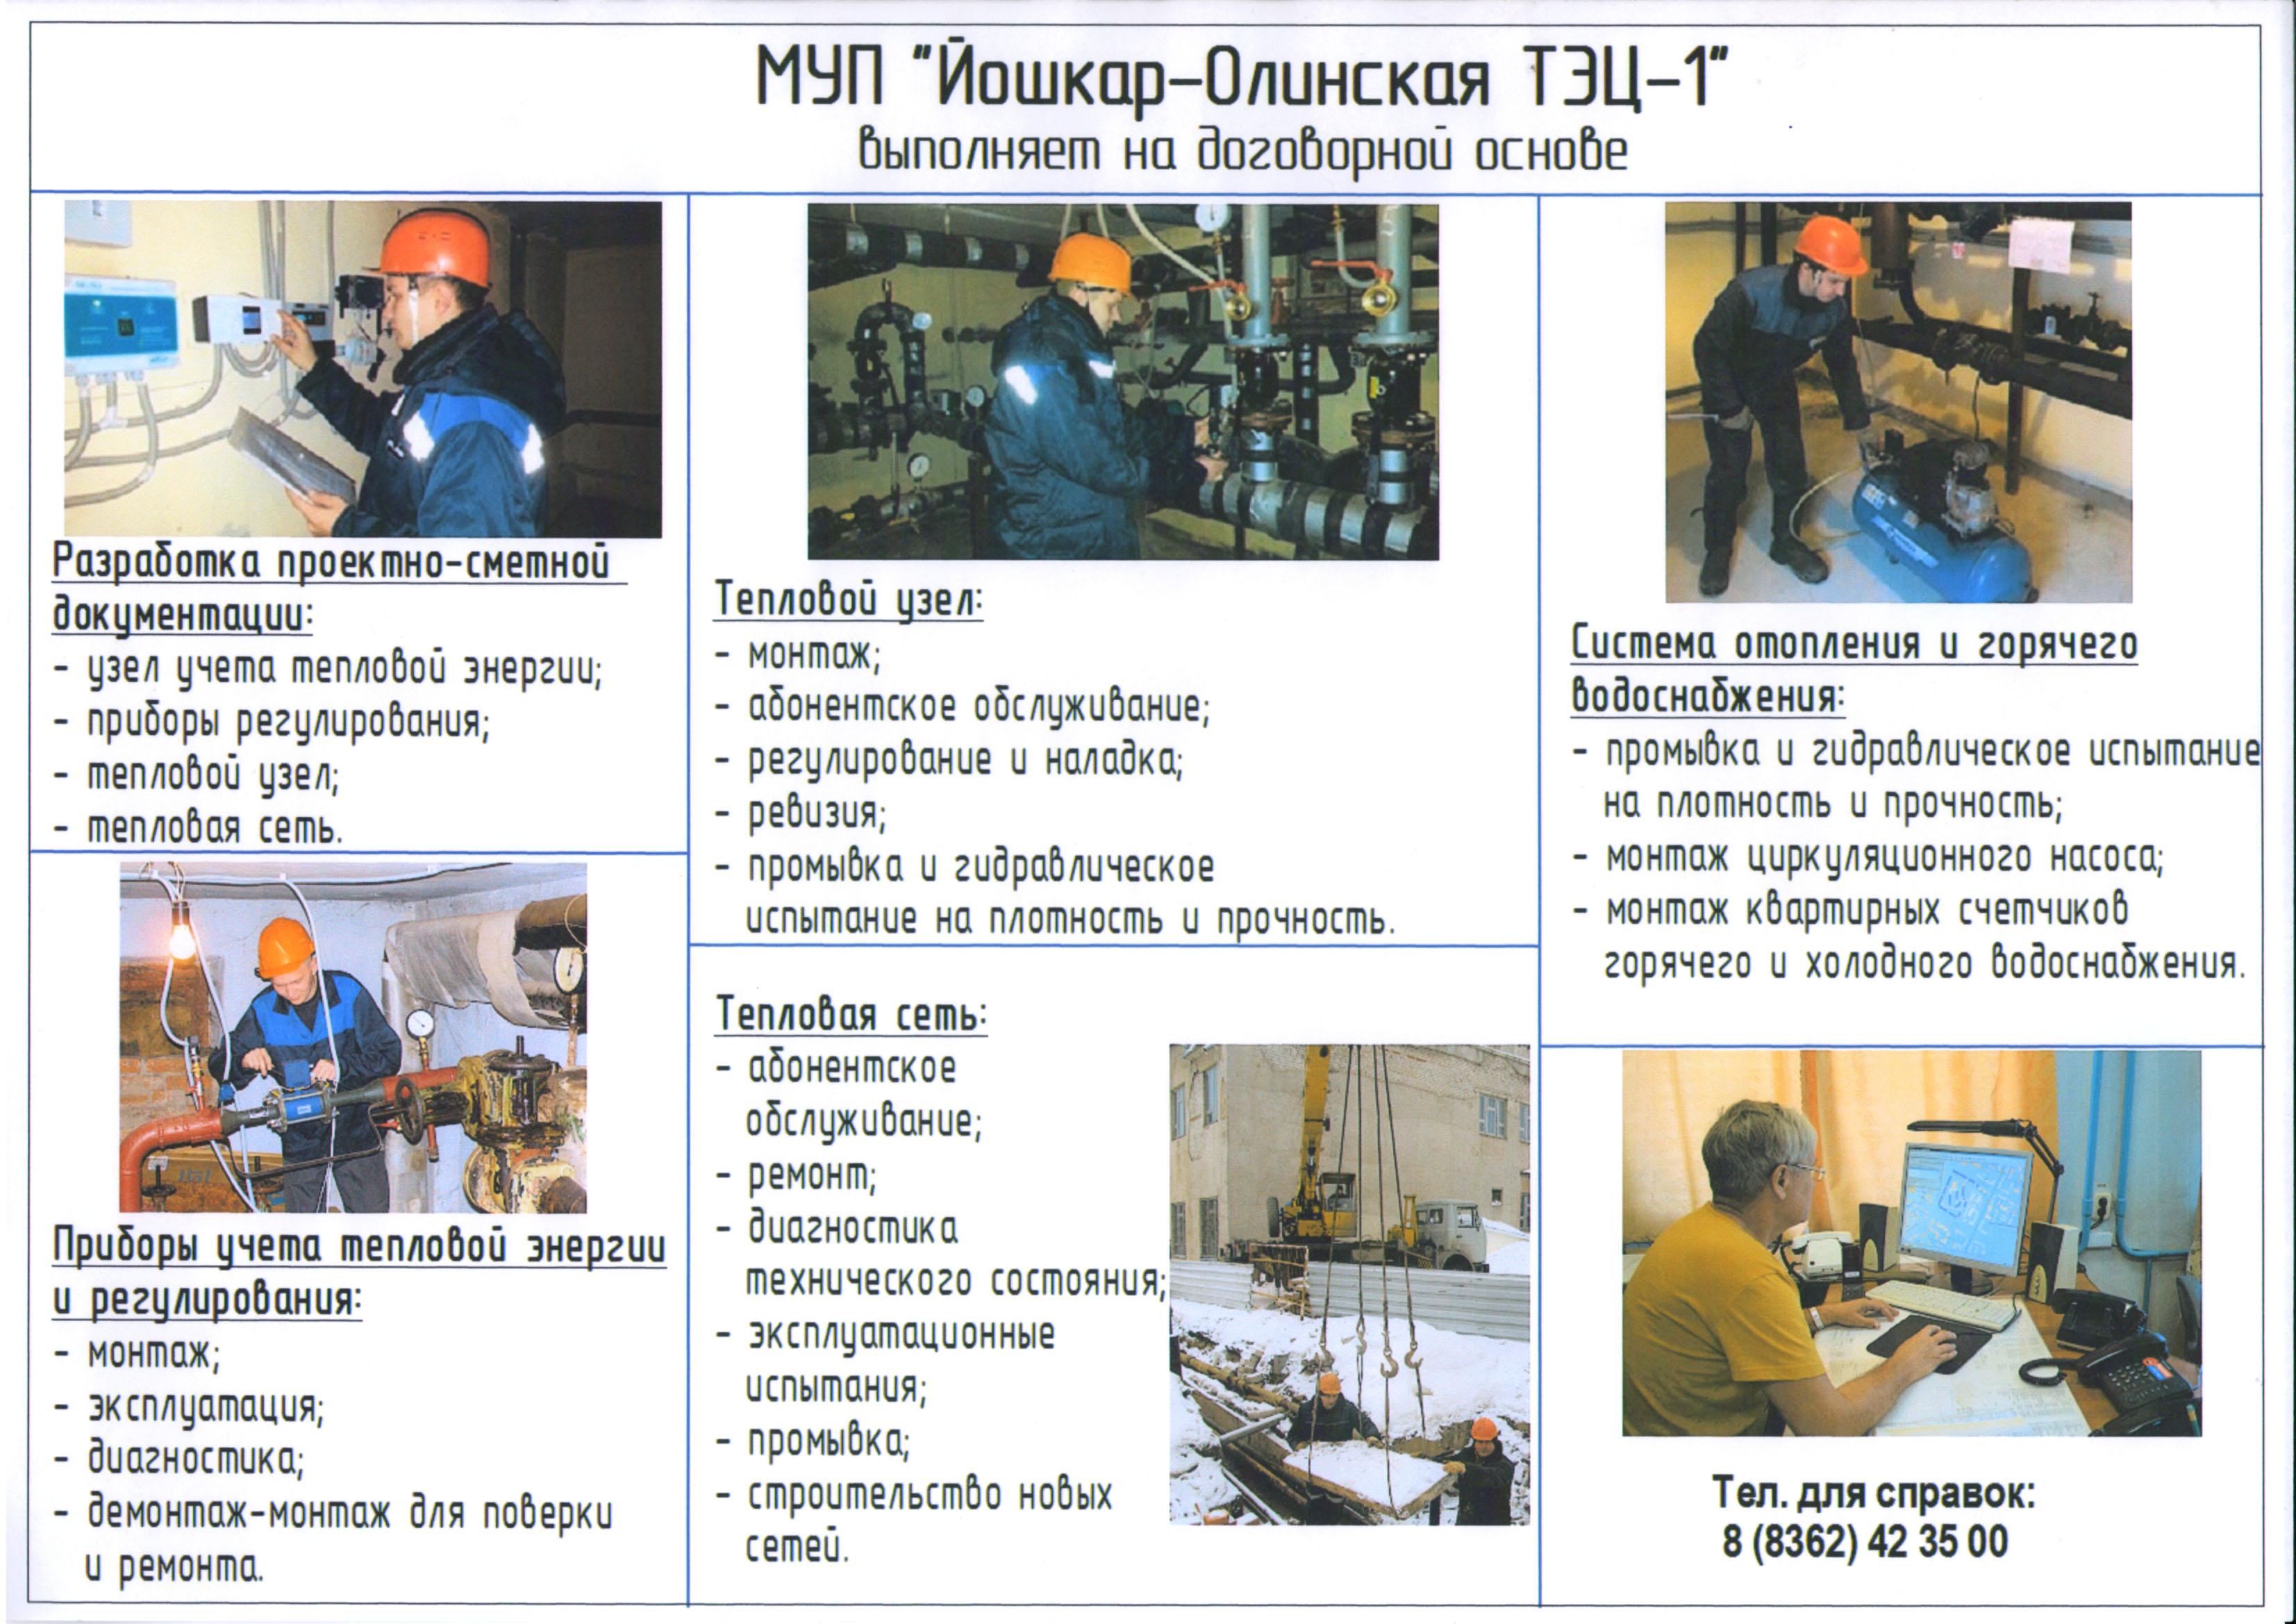 """МУП """"Йошкар-олинская ТЭЦ-1"""" выполняет на договорной основе"""